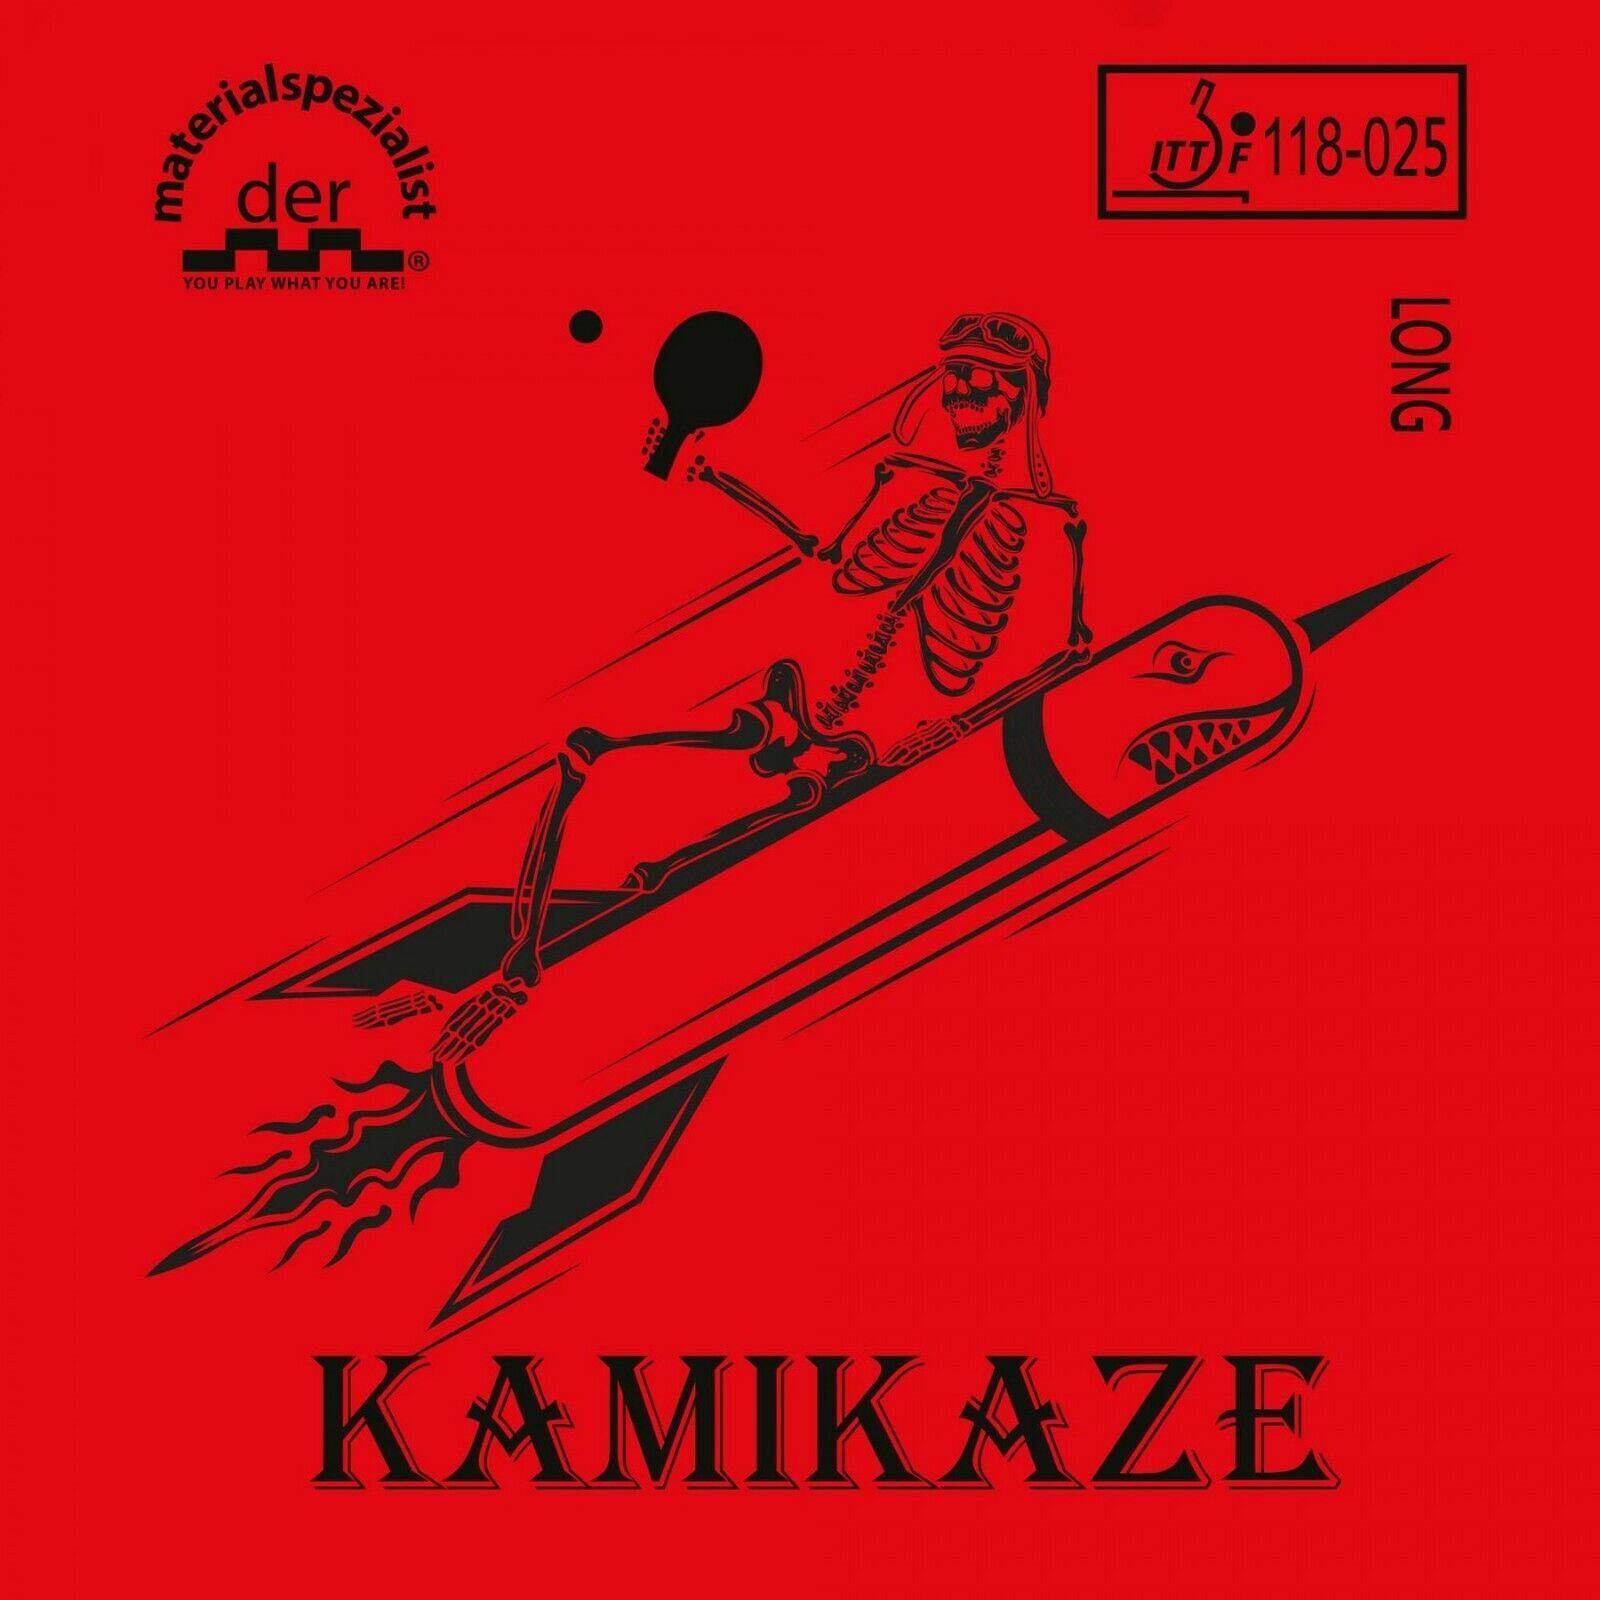 Der Materialspezialist Tischtennis Tischtennis Tischtennis Belag Kamikaze 15de3f